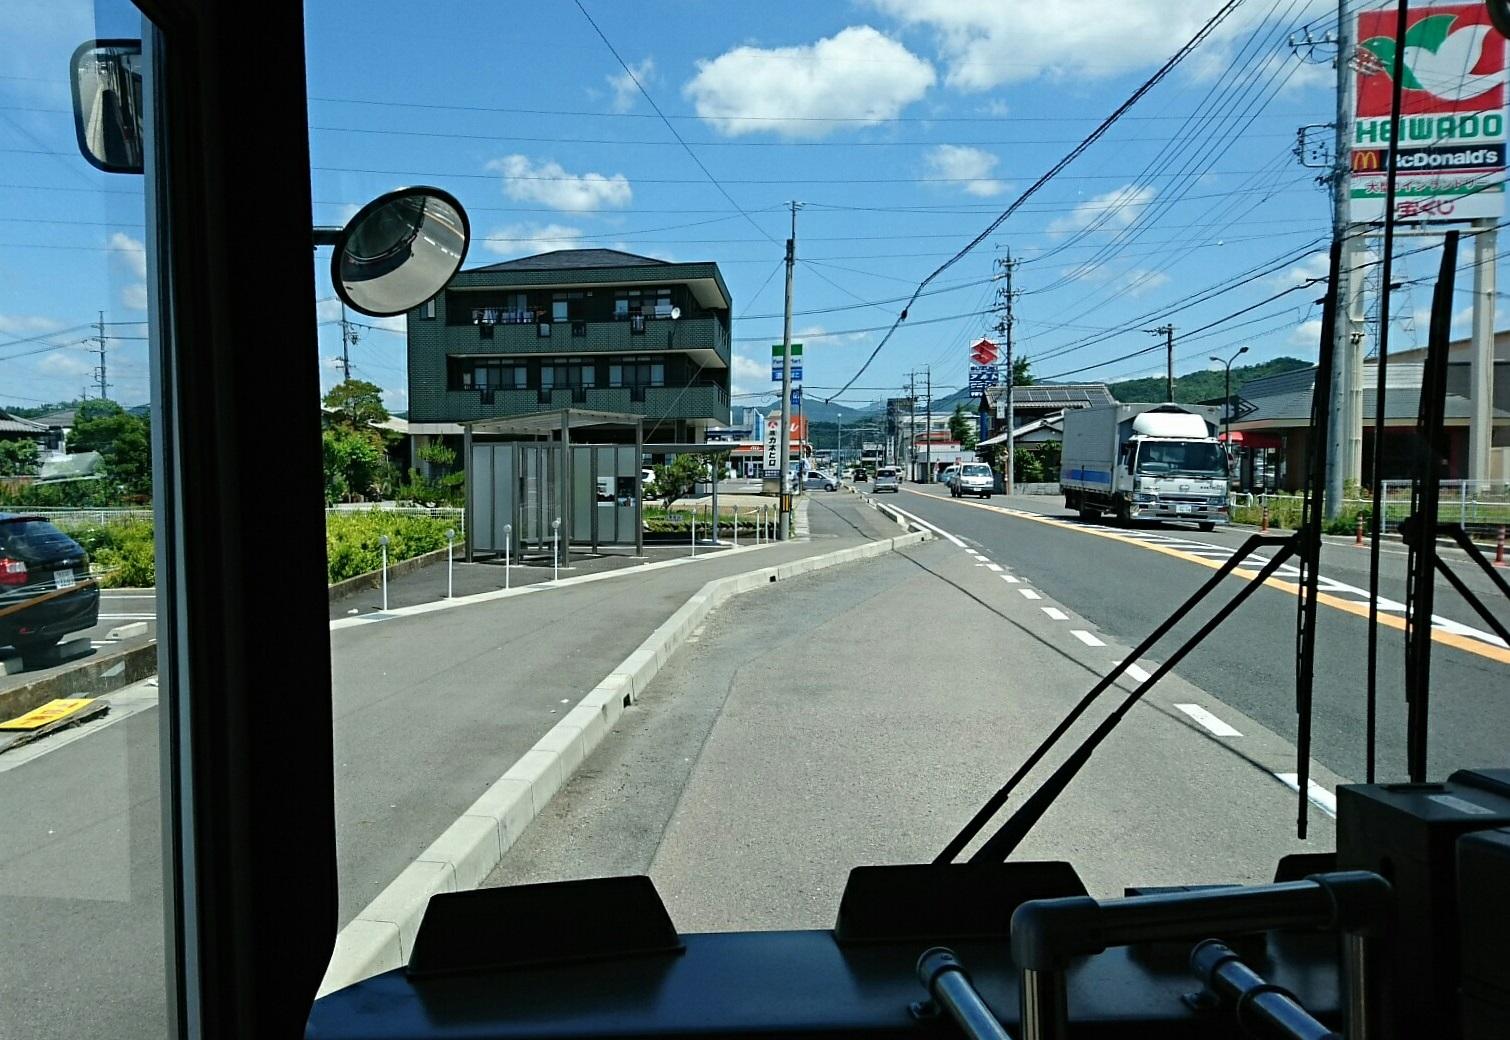 2018.6.1 岐阜 (58) 高富いきバス - 山県警察署前バス停 1510-1040